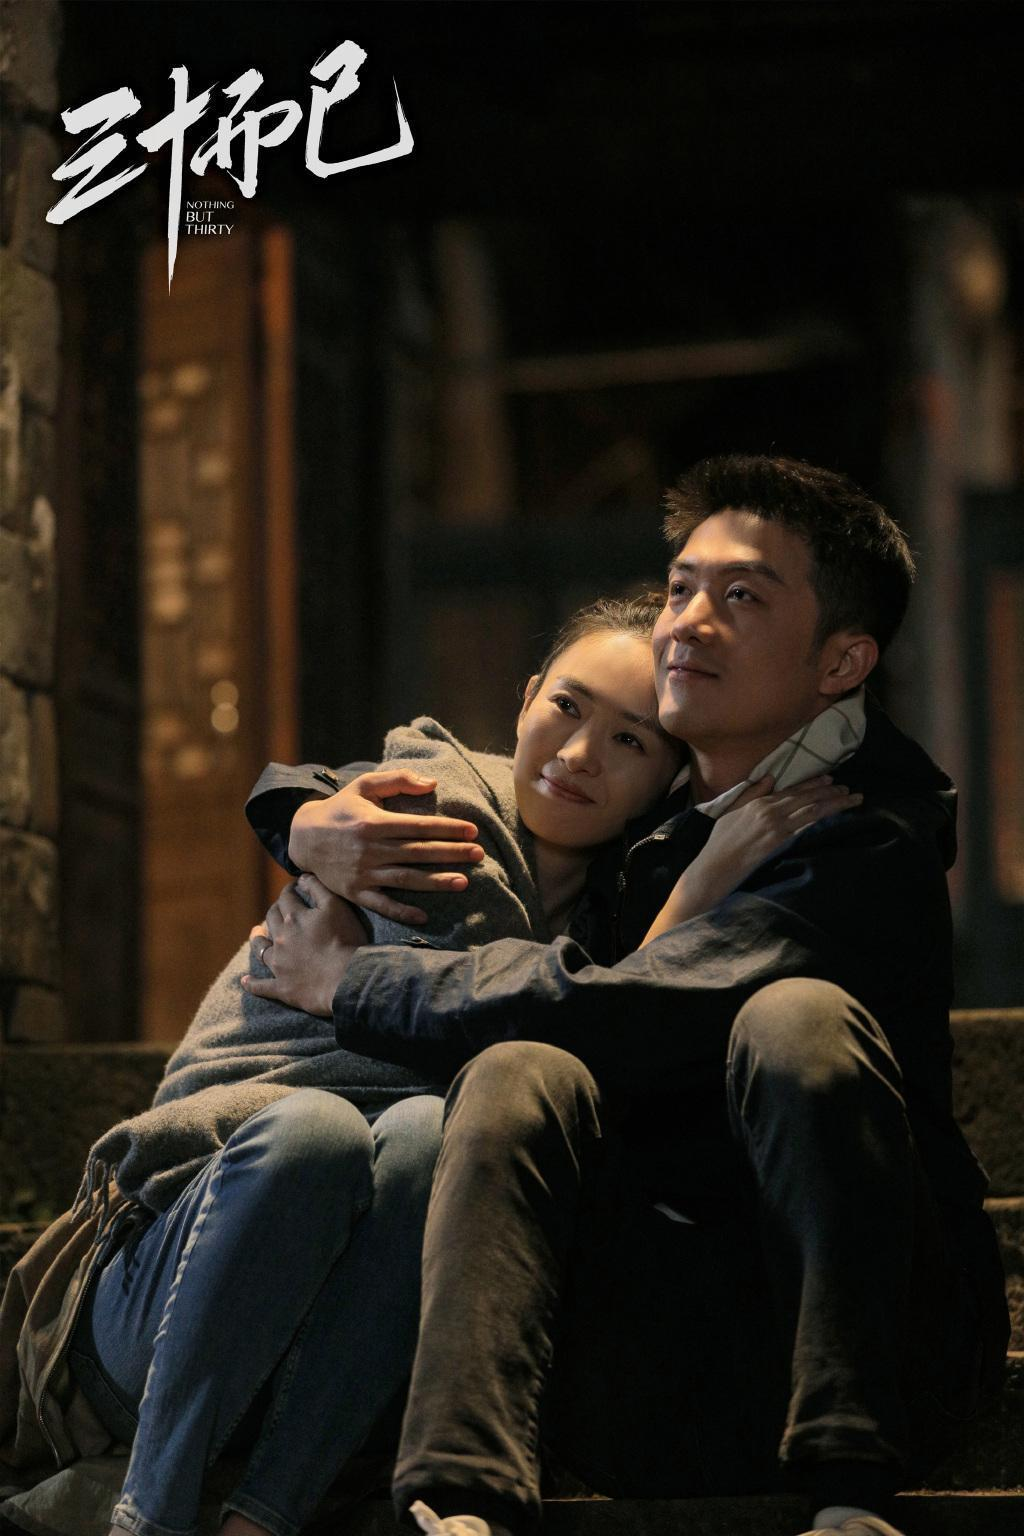 李澤鋒以《三十而立》的渣男角色引起大眾關注。(翻攝三十而立微博)